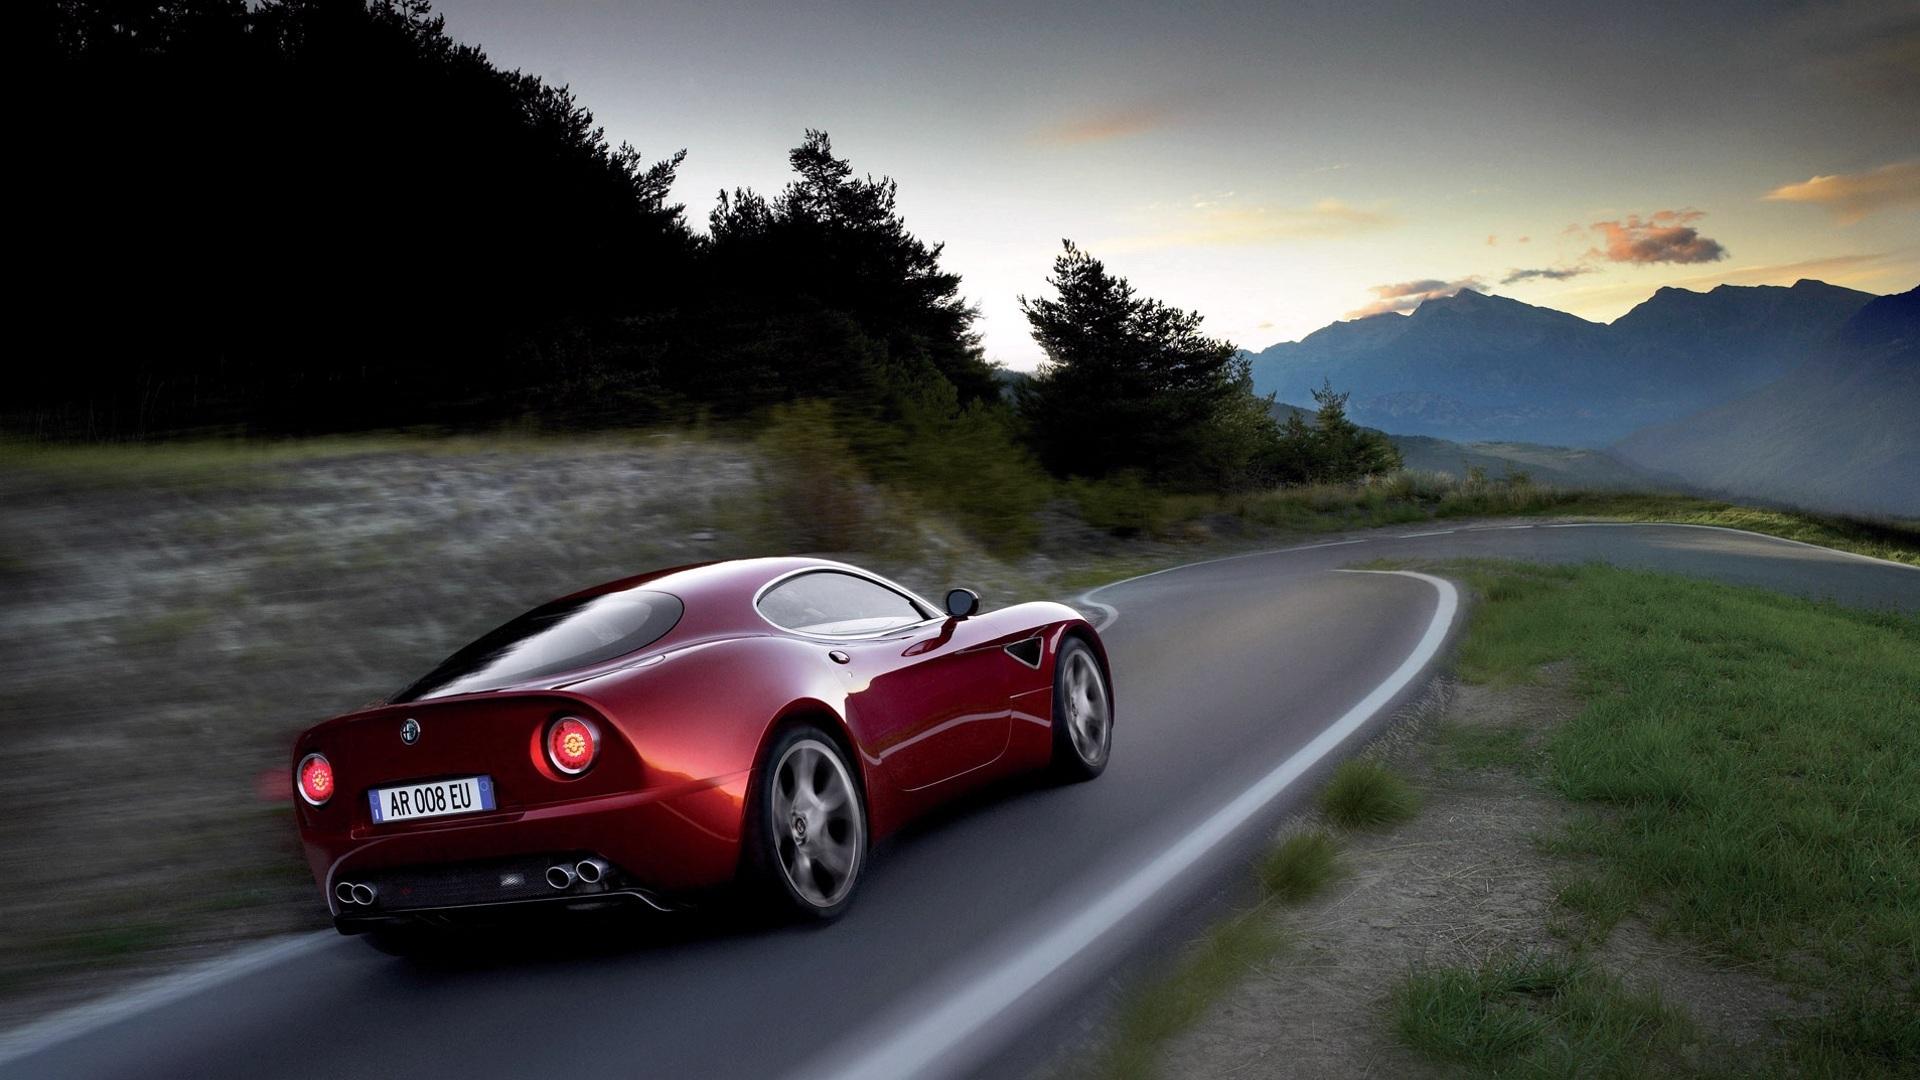 21693 скачать обои Транспорт, Машины, Дороги, Альфа Ромео (Alfa Romeo) - заставки и картинки бесплатно